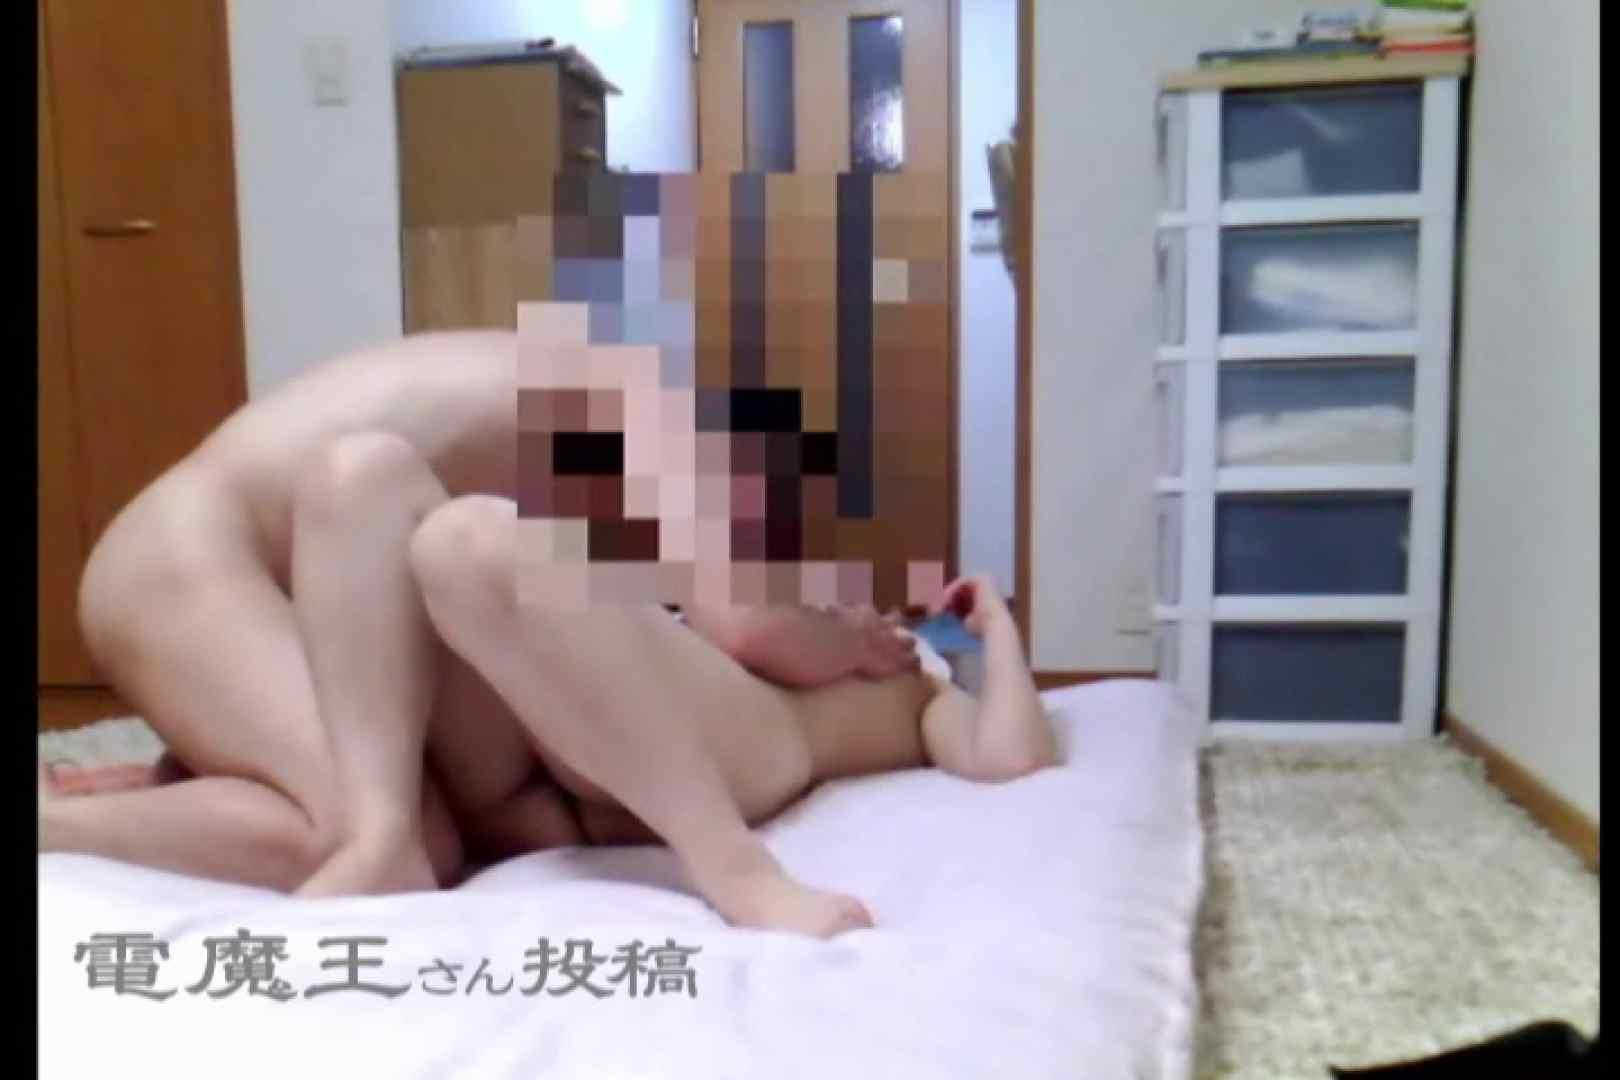 おまんこ丸見え:電魔王さんの「隠撮の部屋」アキラ:大奥